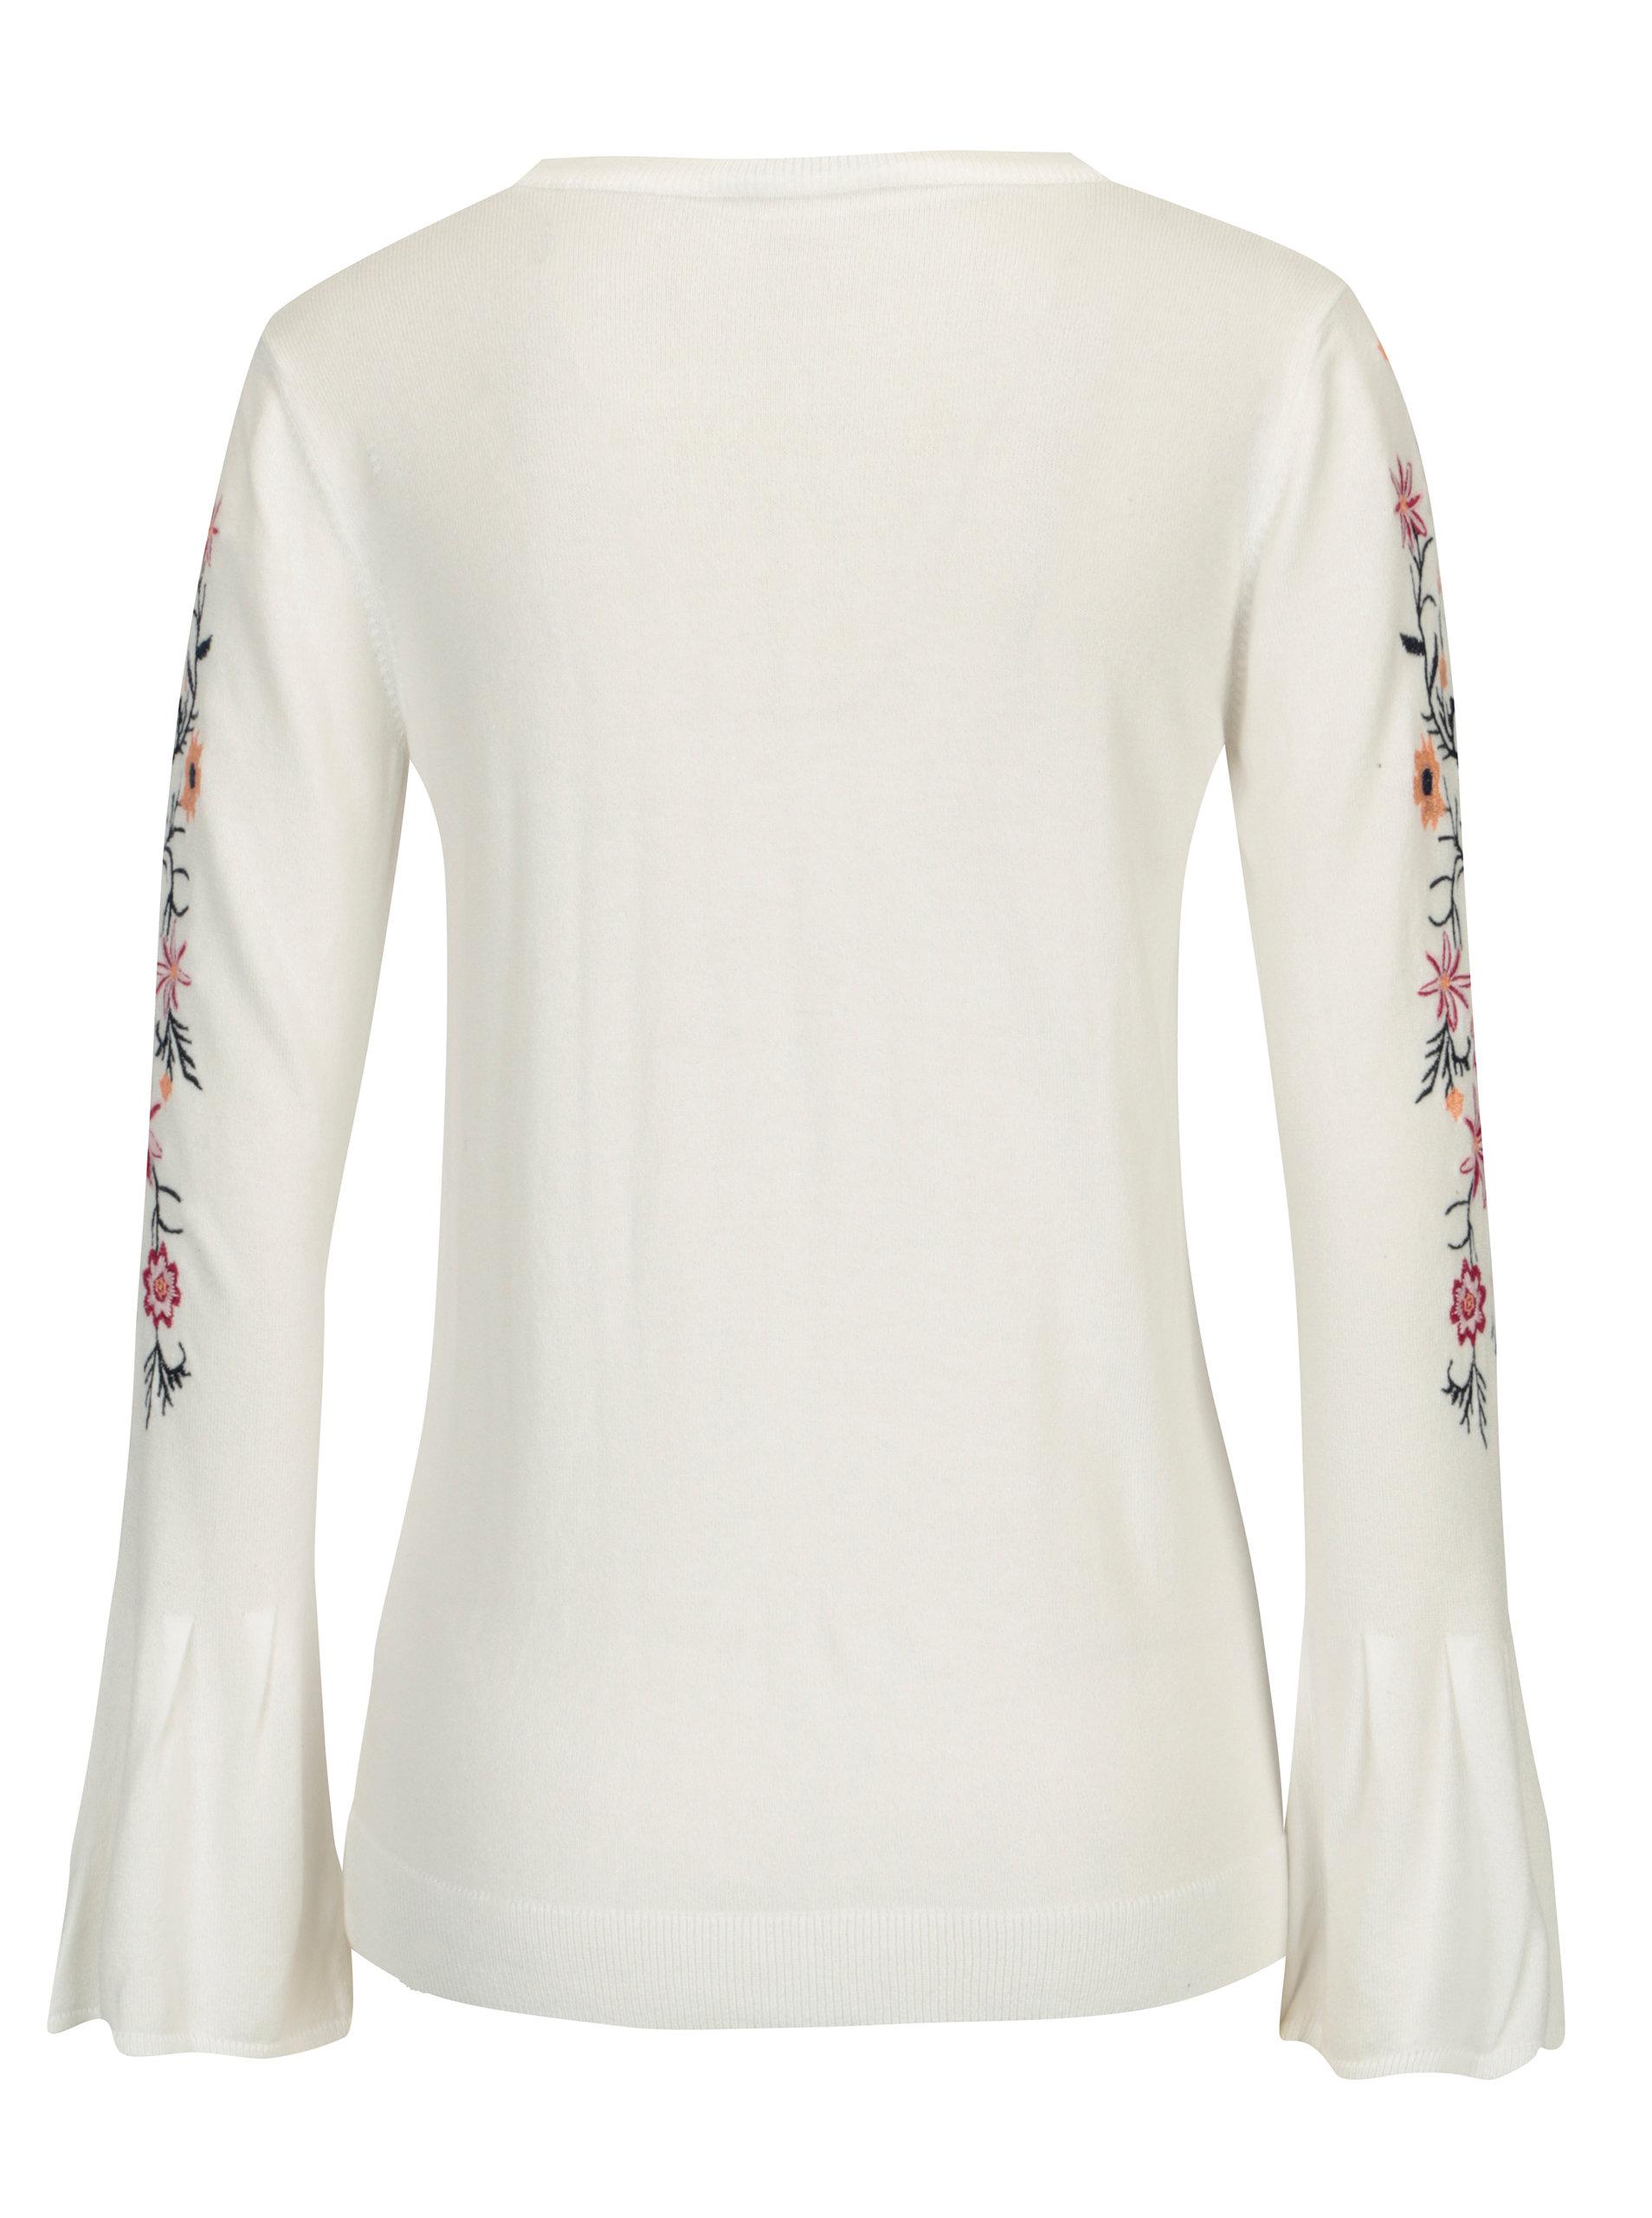 392fd1dfcf90 Biely sveter s kvetovanou výšivkou Dorothy Perkins ...